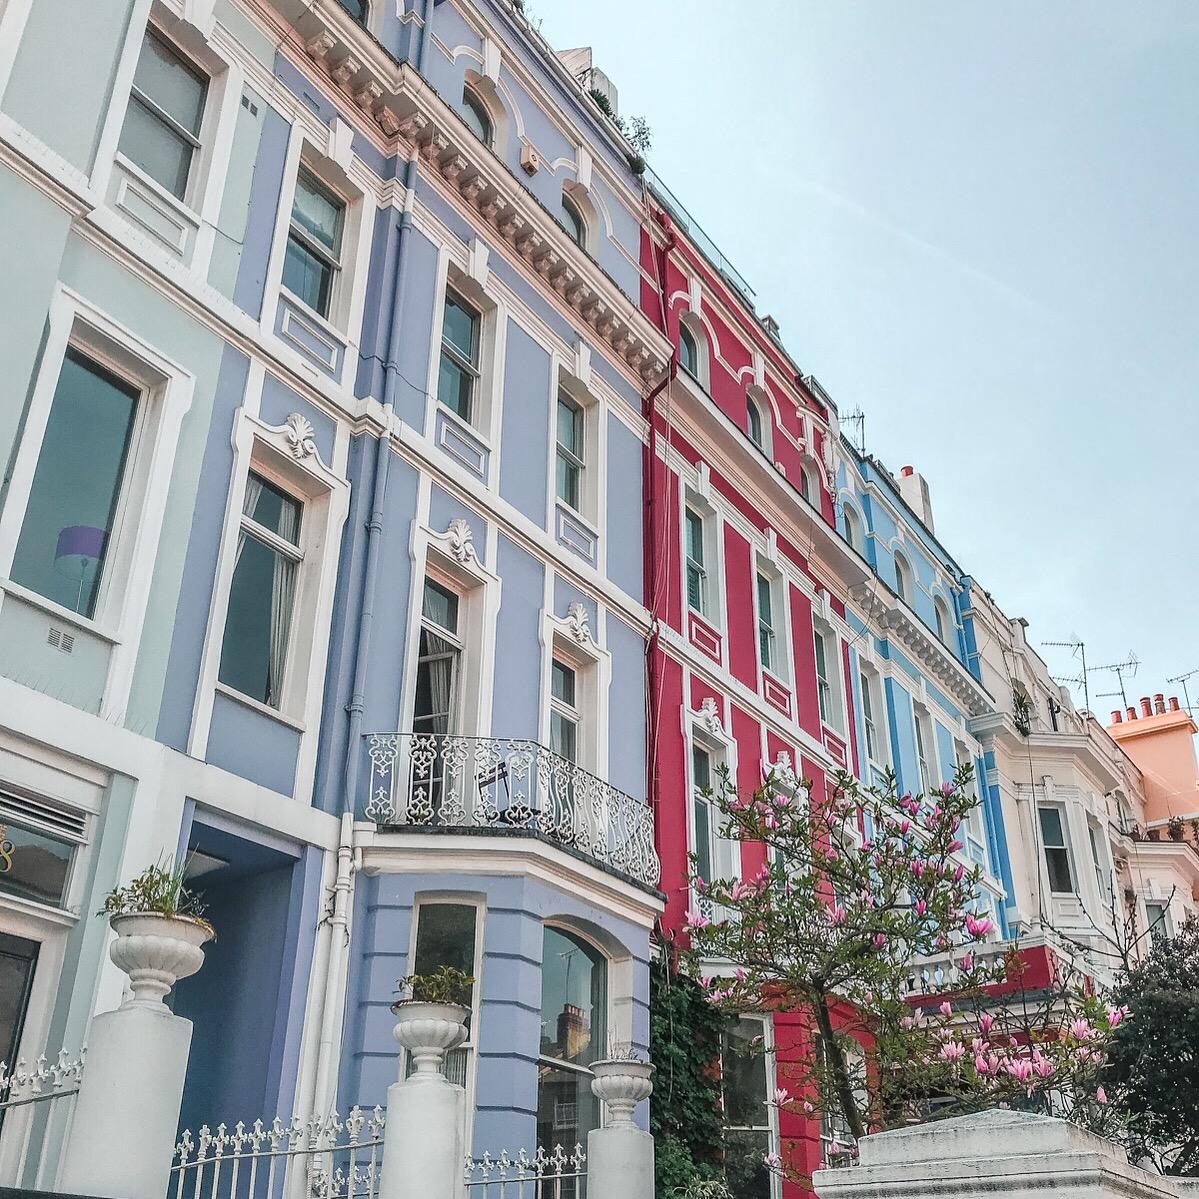 kolorowa dzielnica londynu pastelowe domki